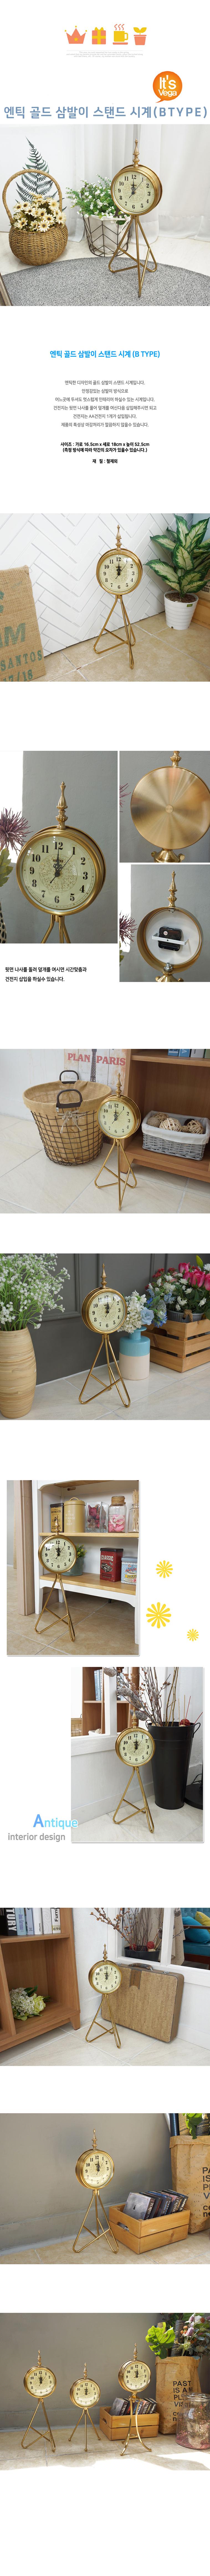 엔틱 골드 삼발이 스탠드 시계 (B TYPE) - 베가, 105,000원, 알람/탁상시계, 디자인시계